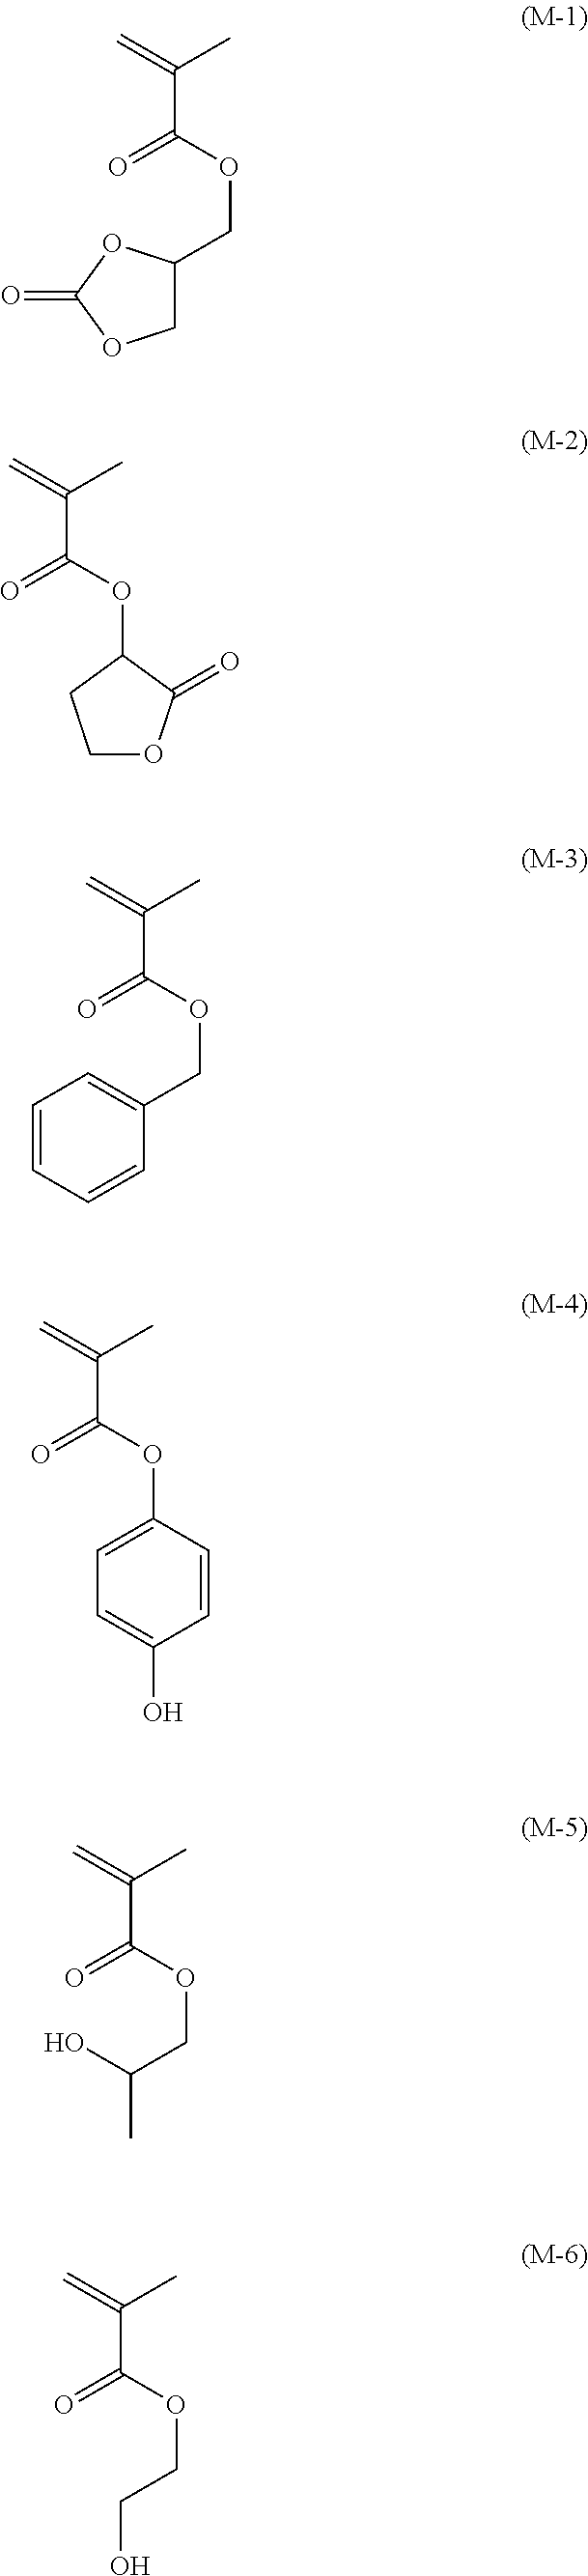 Figure US08647810-20140211-C00016